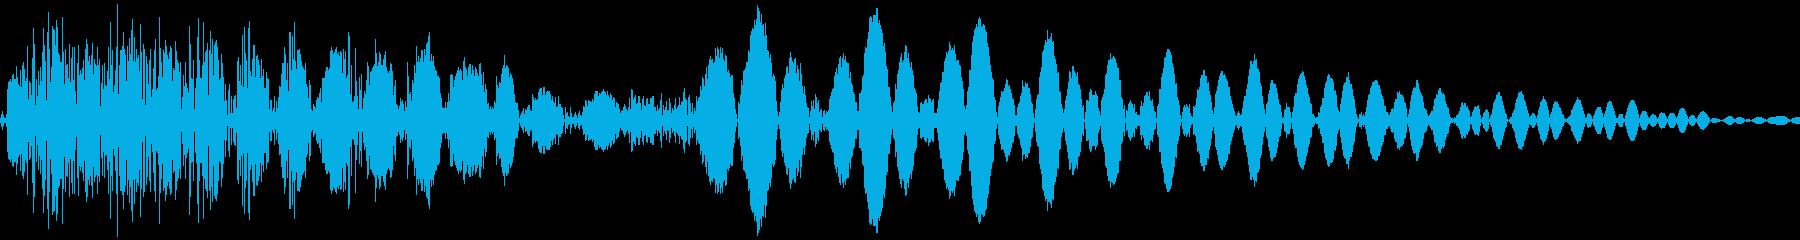 ドスン(落下 決定 跳ねる)の再生済みの波形